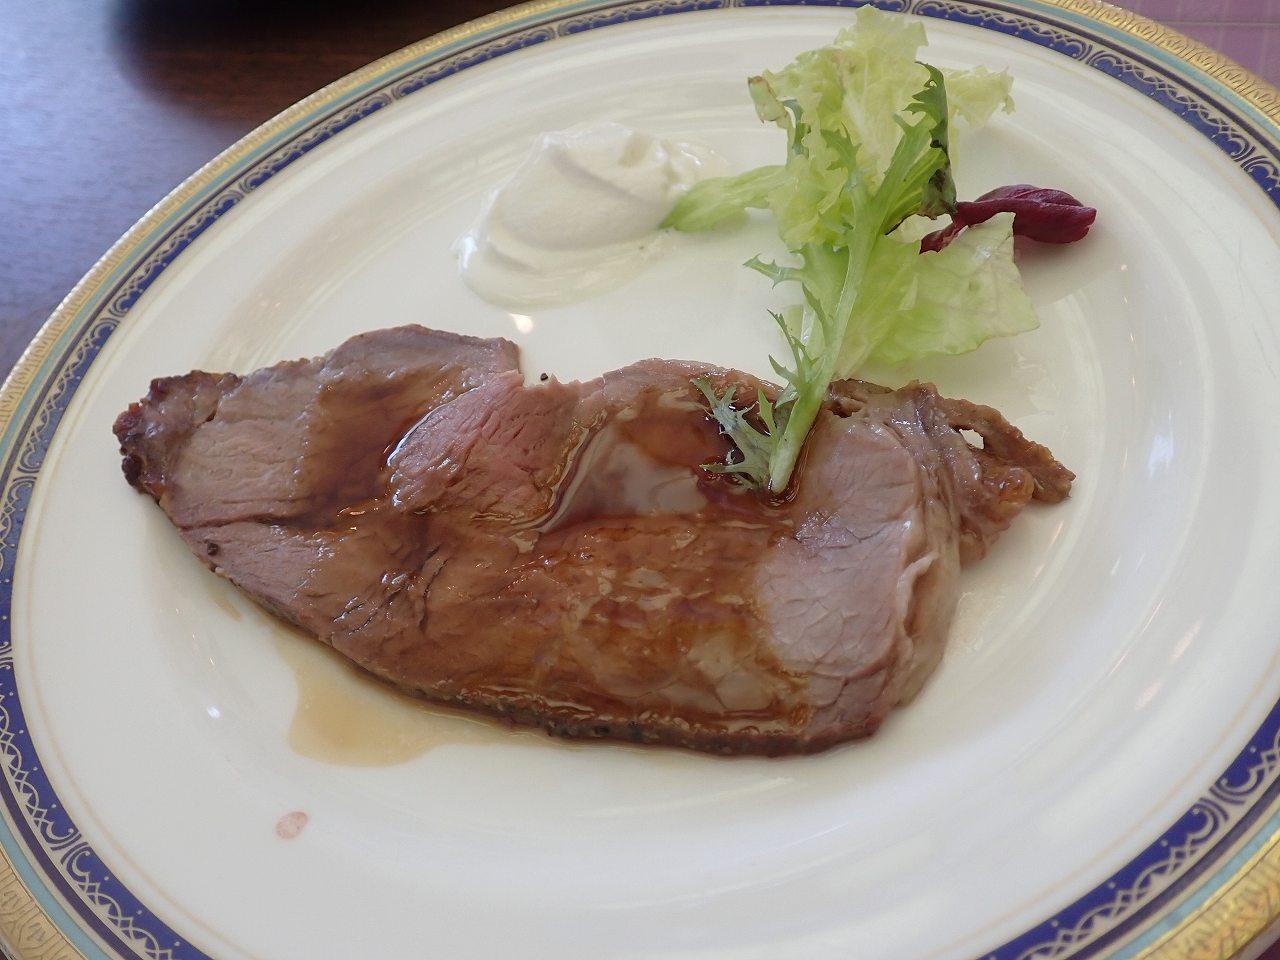 アメリカンビーフロースト肉のロースト